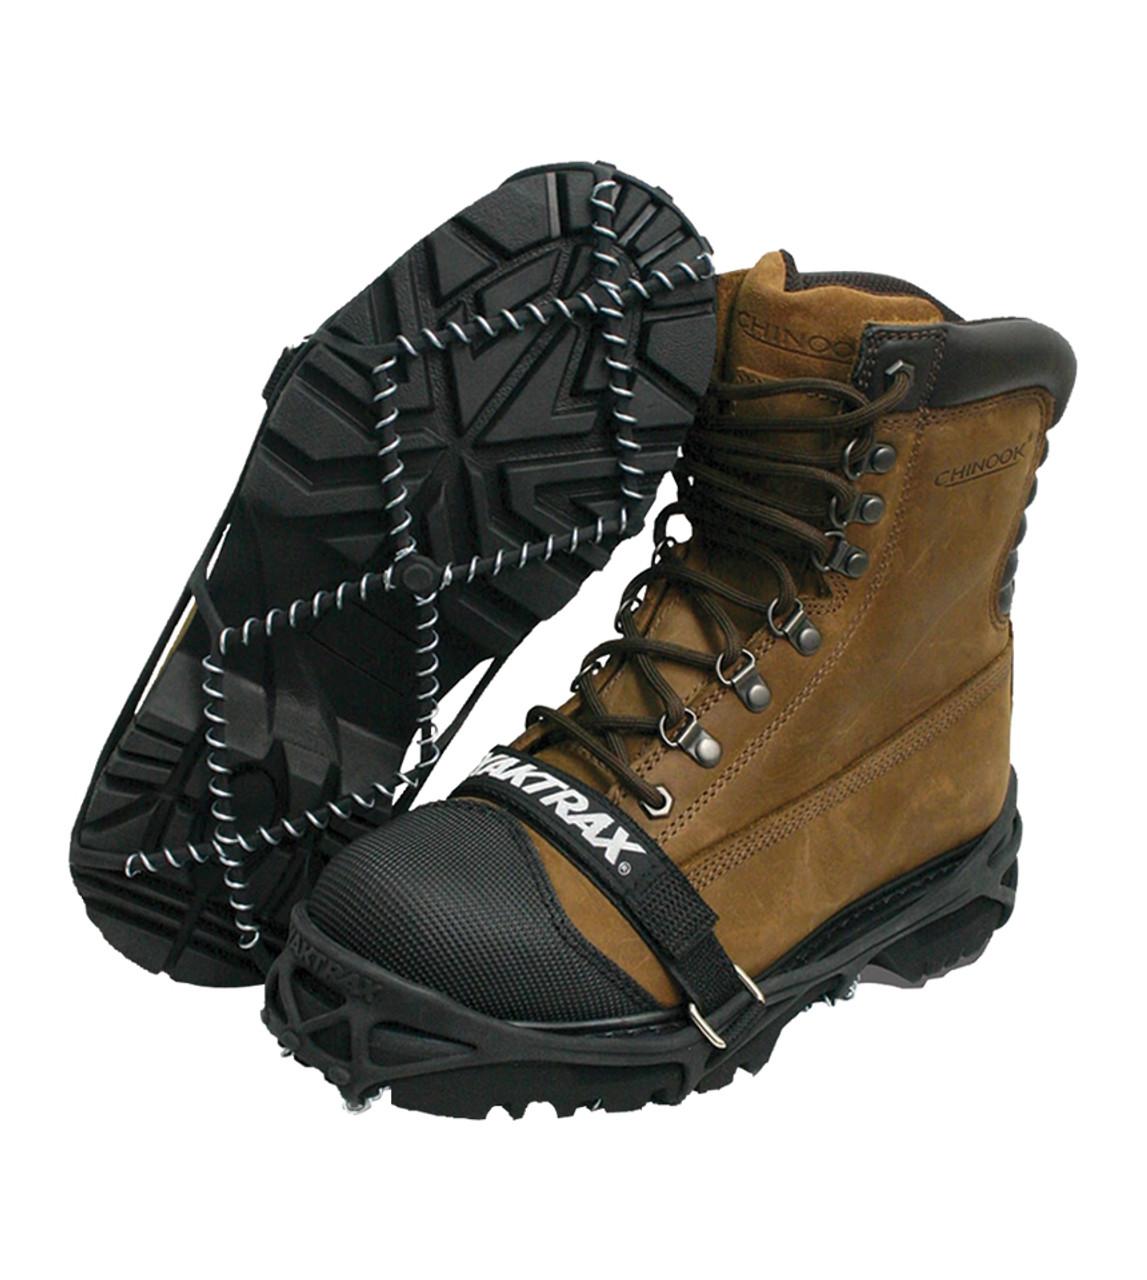 new concept 3d738 ed0e5 YakTrax Pro Traction Shoe Strap